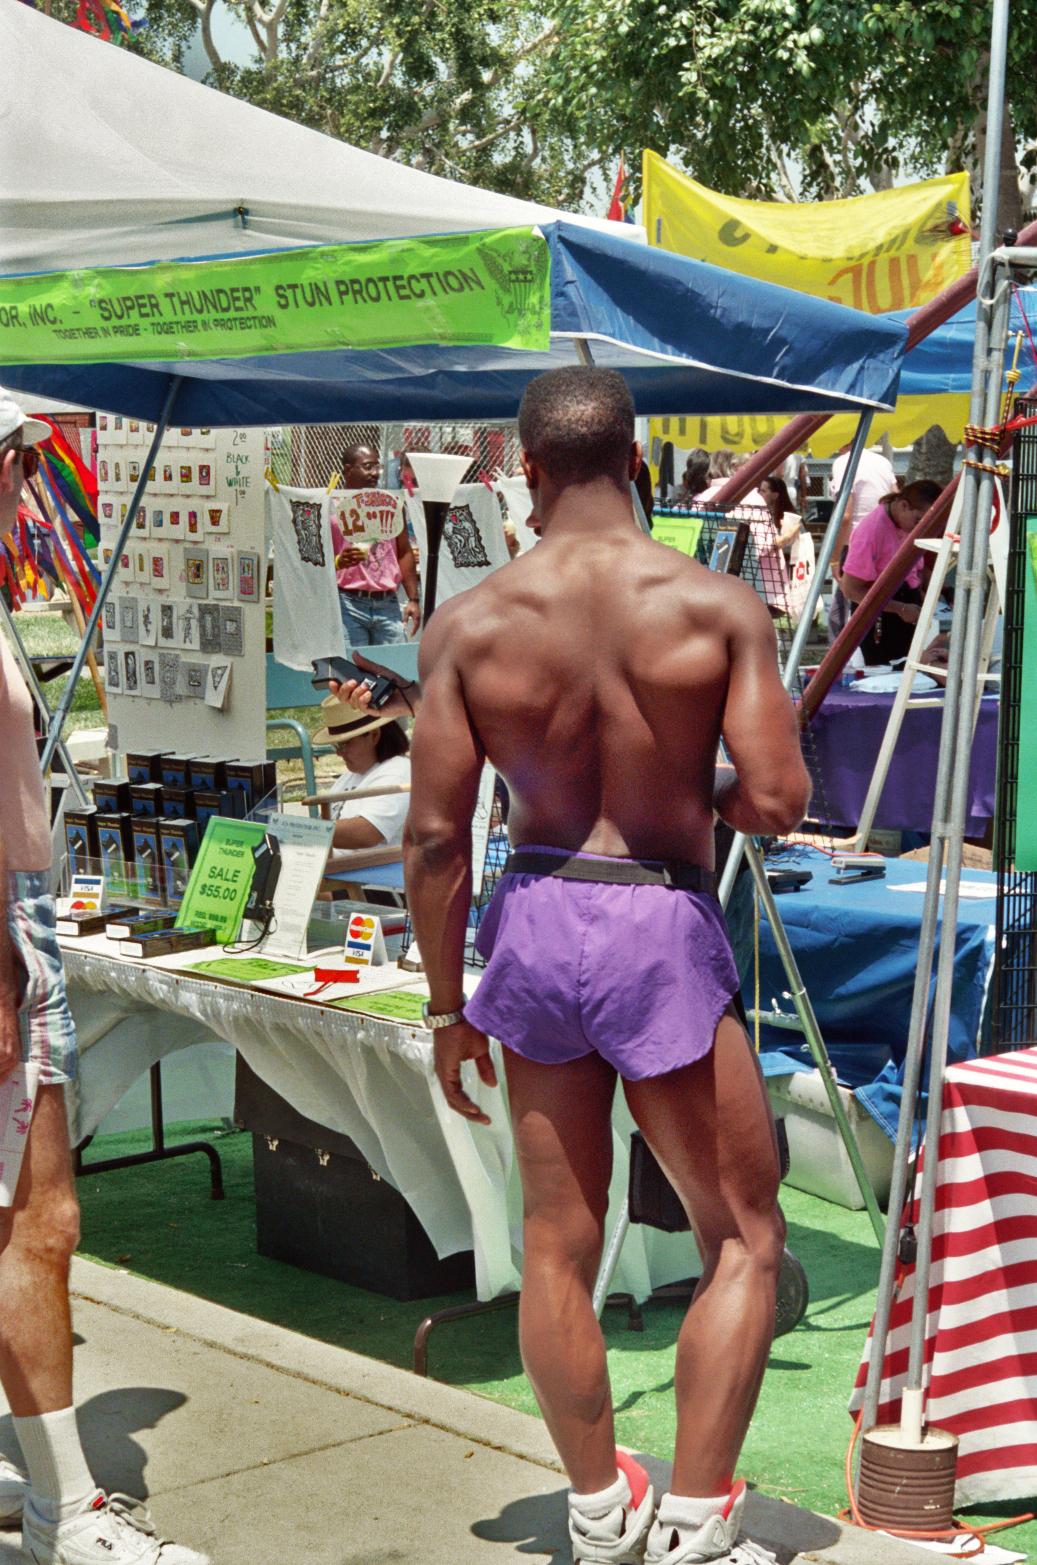 la-pride-1987-1995_22297720712_o